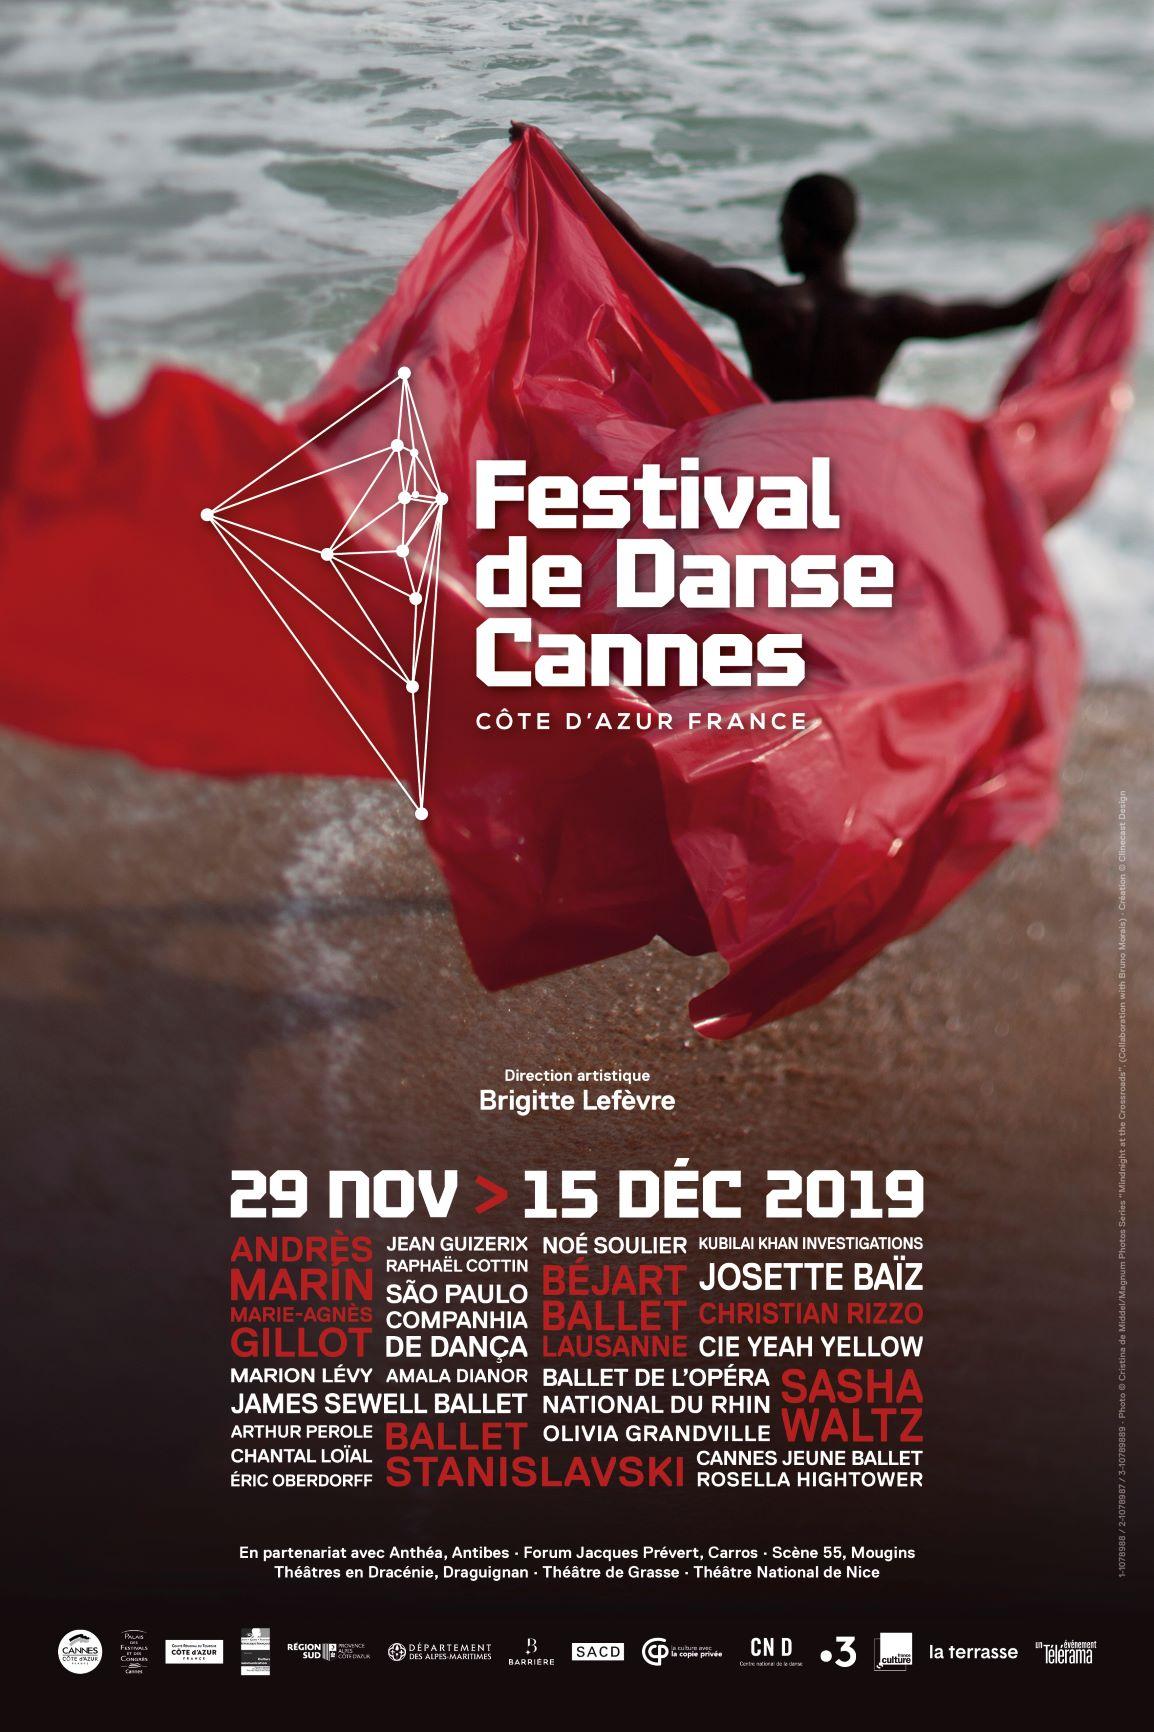 Festival de Danse Cannes 2019